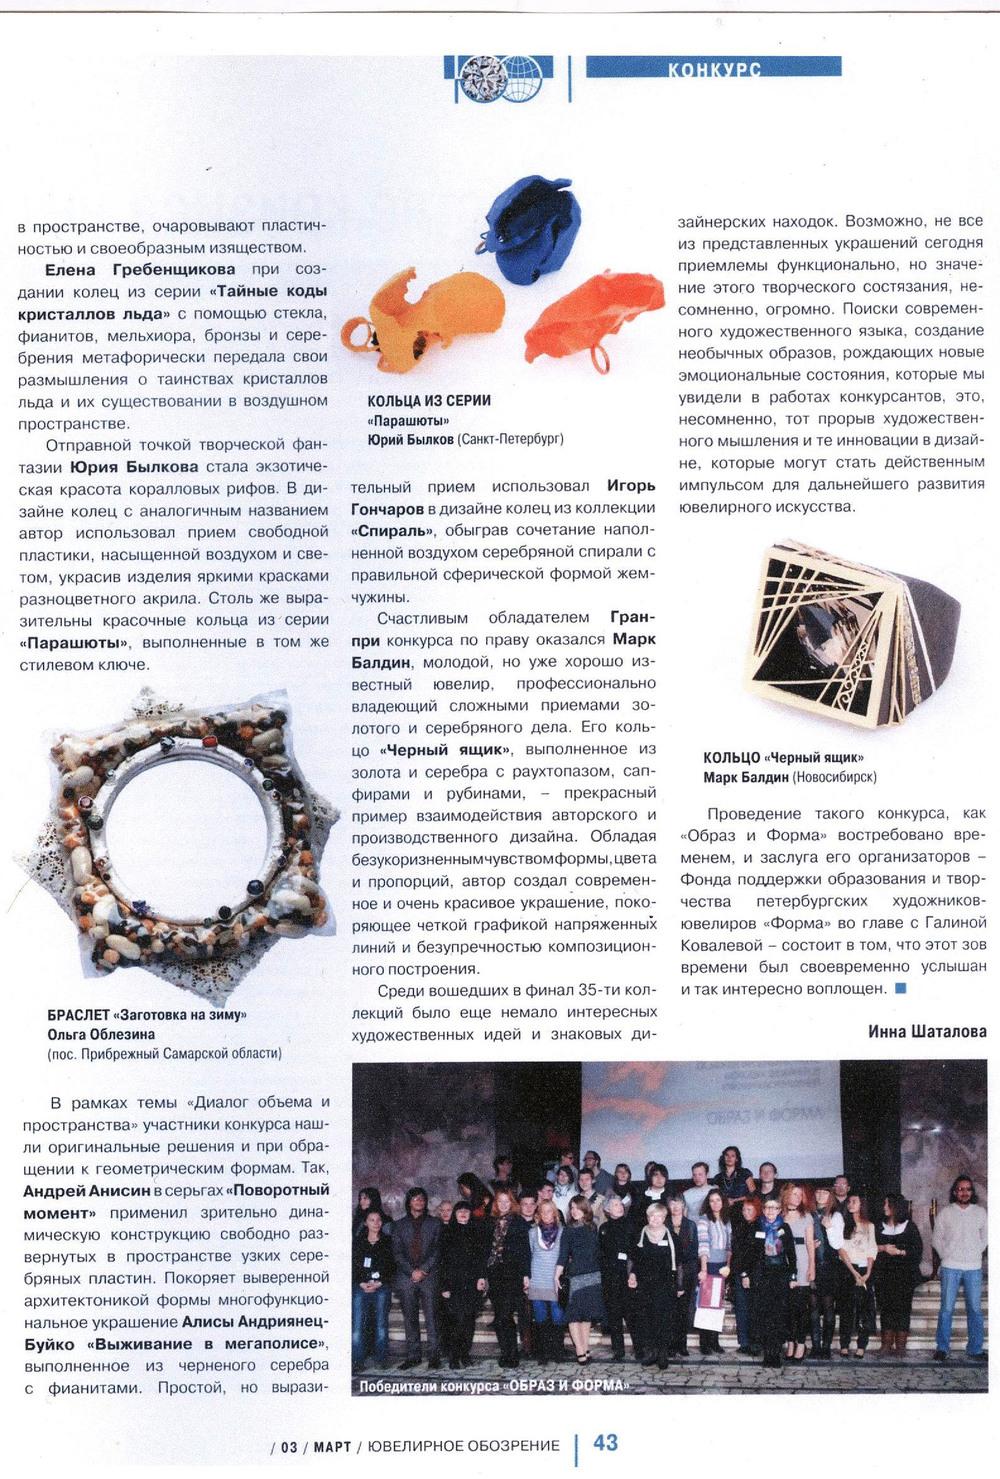 Ювелирный журнал ЮВЕЛИРНОЕ ОБОЗРЕНИЕ, март 2011 г.